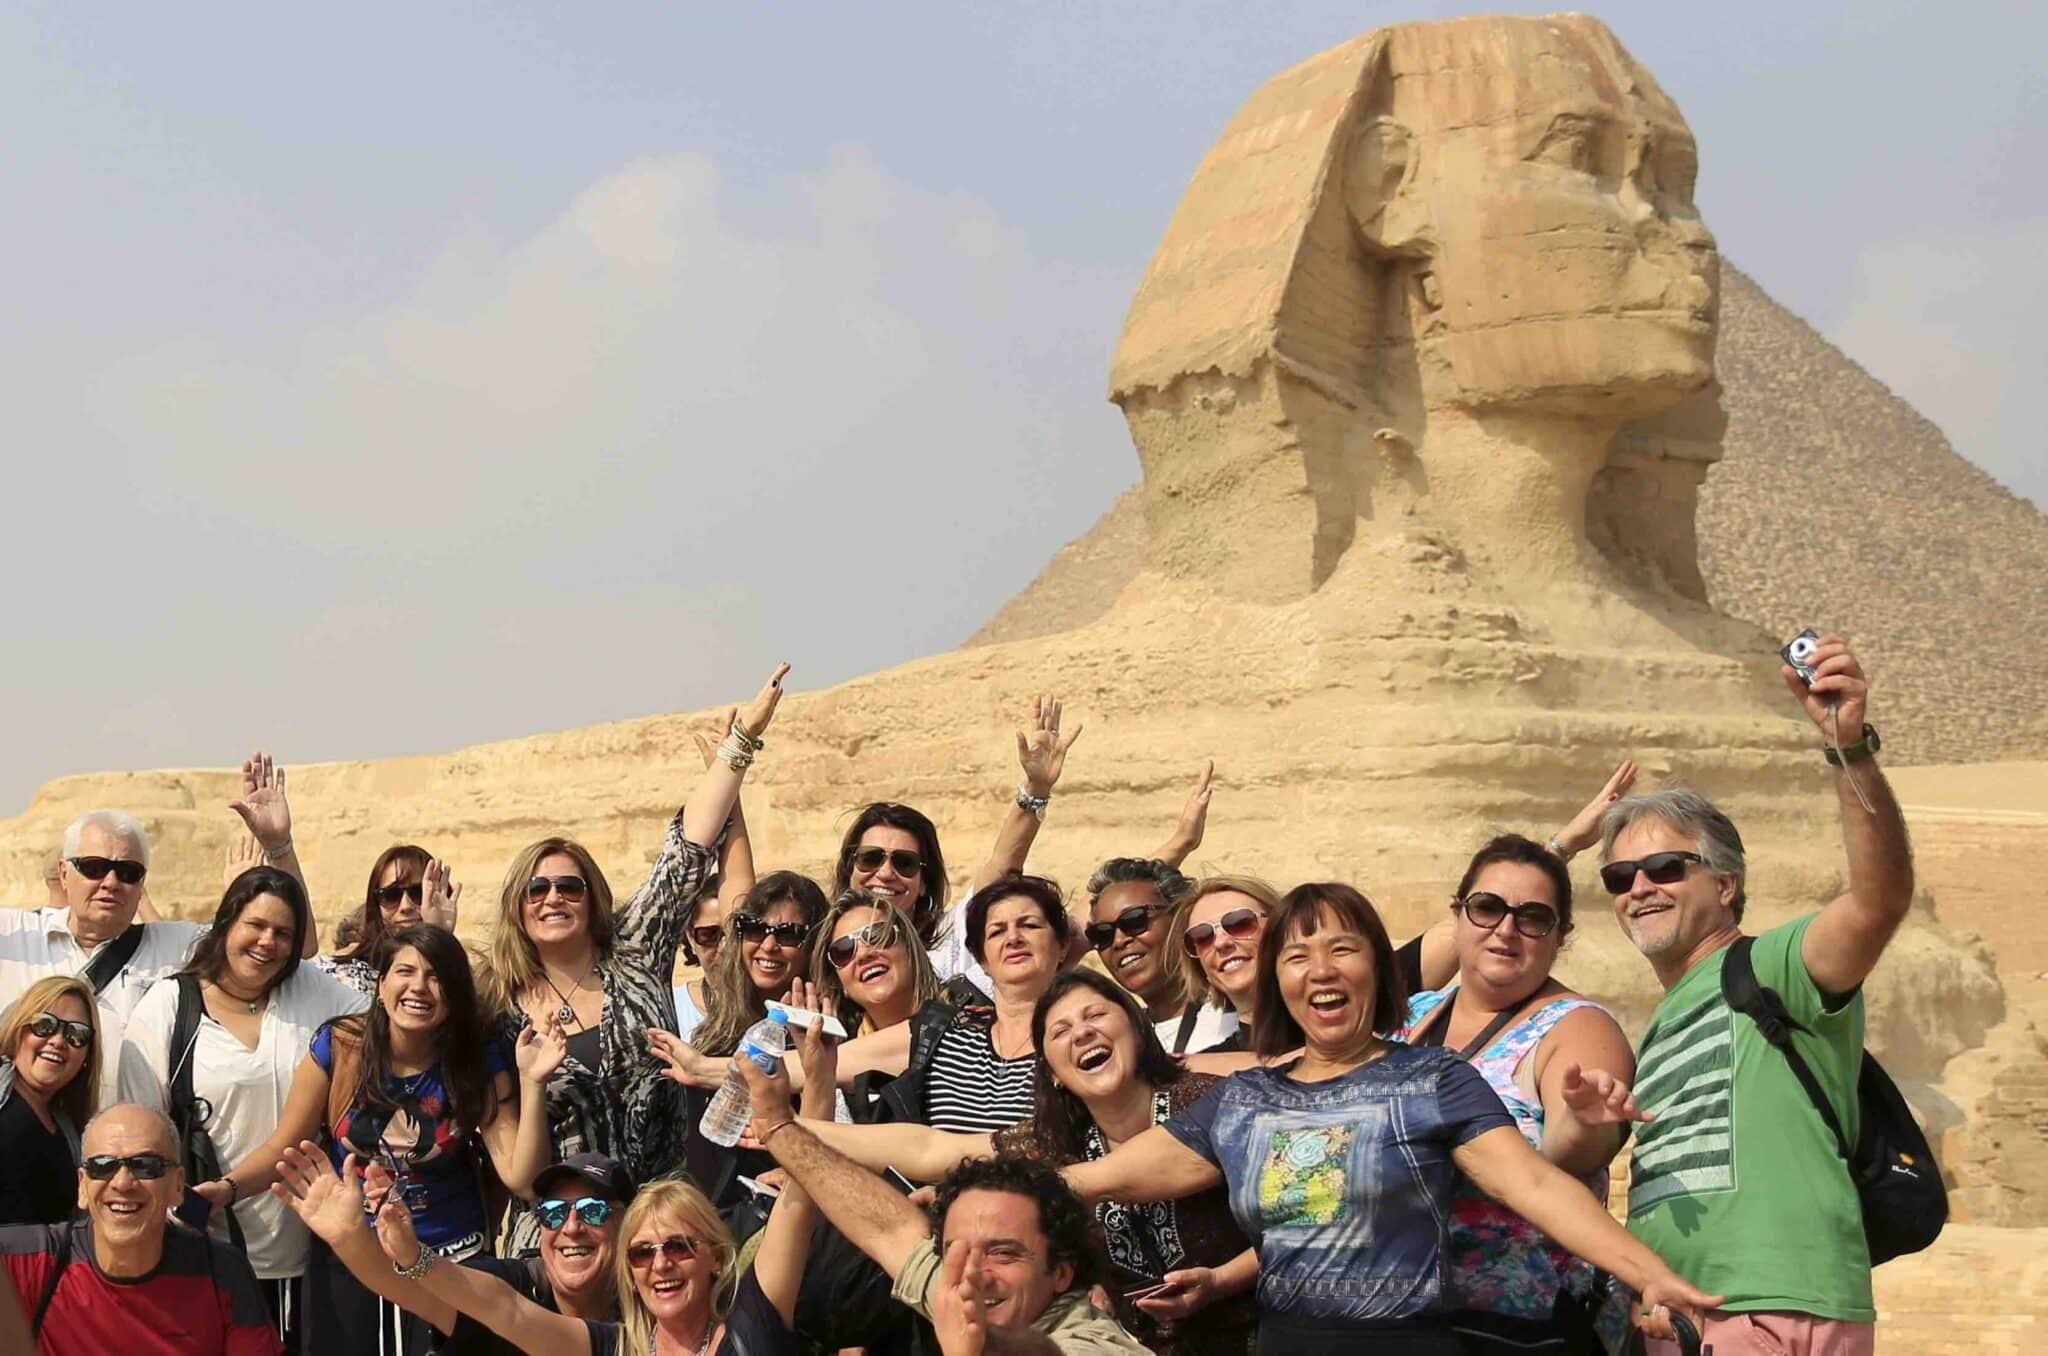 Открыли Египет для туристов в 2019 году или нет: последние новости